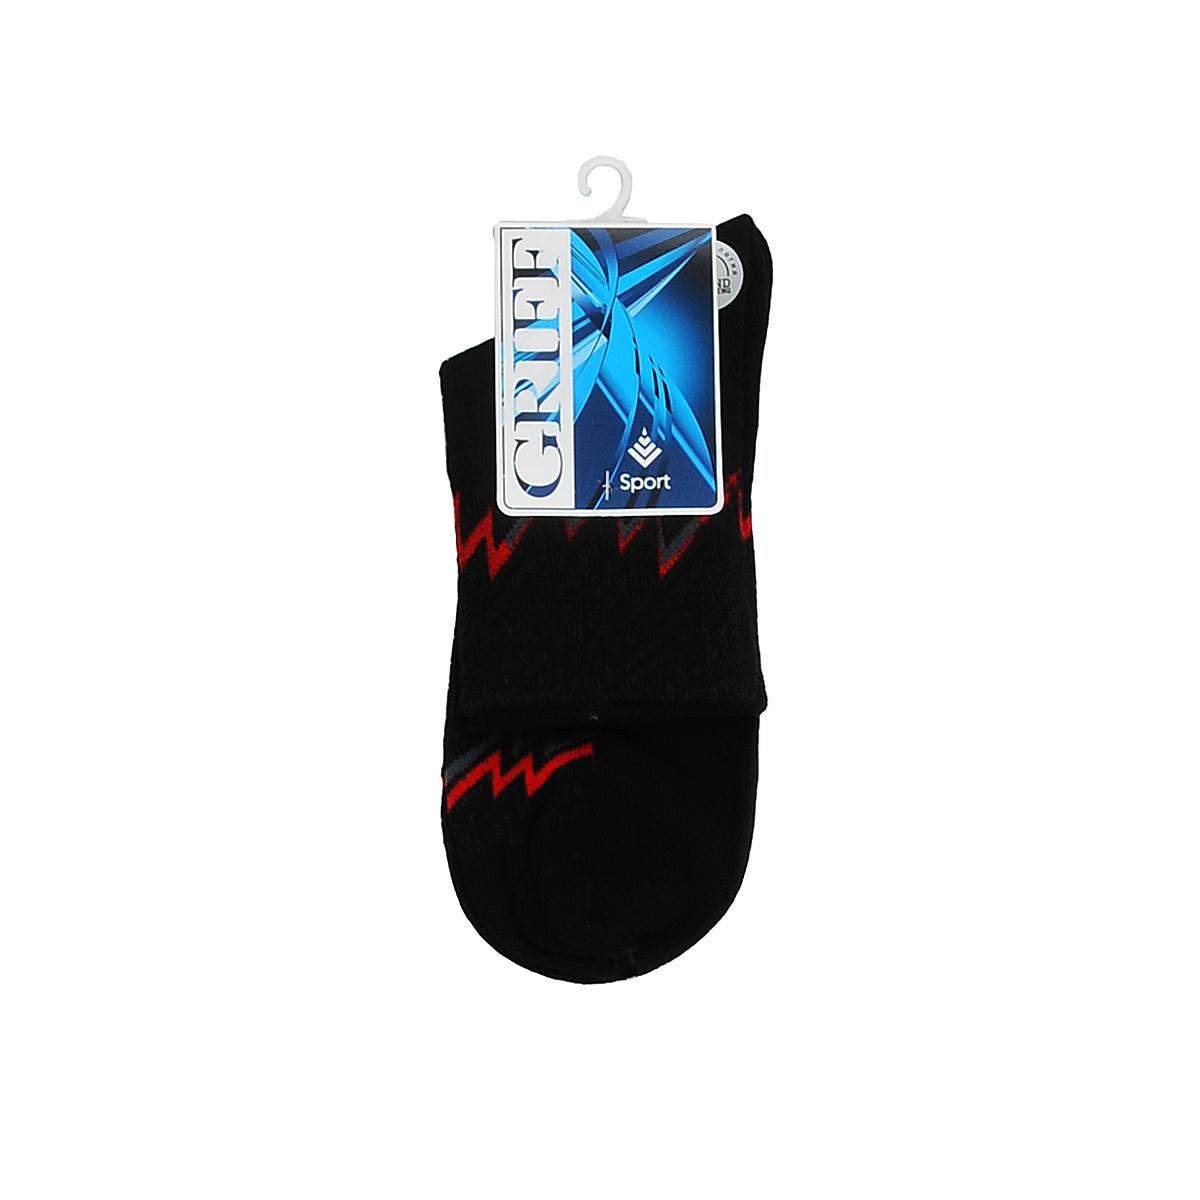 S30Носки для активного отдыха и занятий спортом Griff Sport отличаются повышенной гигроскопичностью и комфортностью. Удобная резинка пресс-контроль способствует профилактике усталости ног. Усиленные пятка и носок.